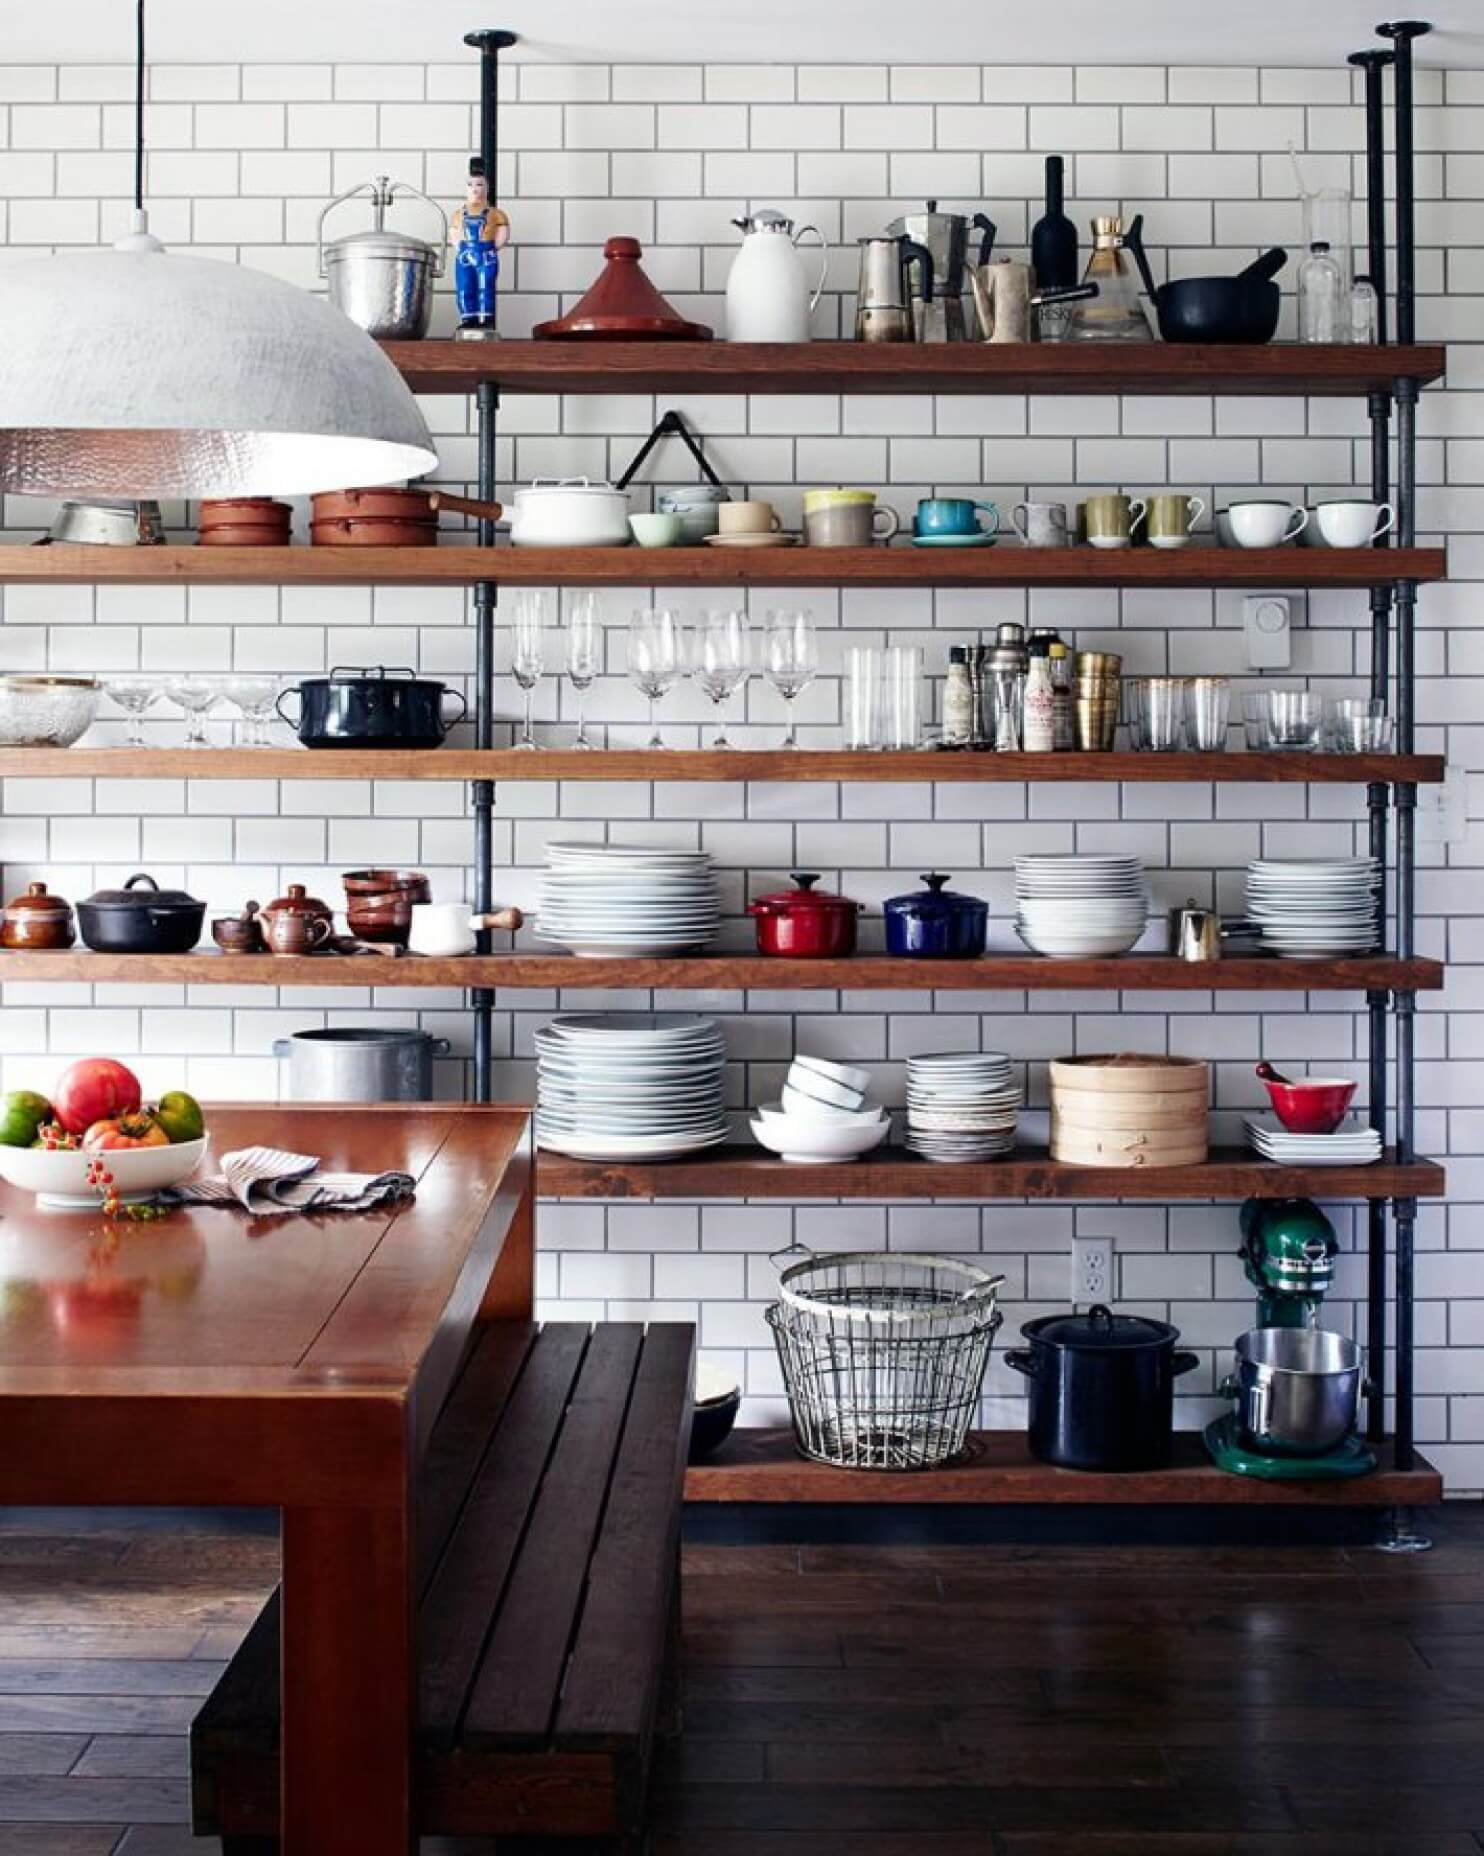 16 cuisines avec des étagères ouvertes - Frenchy Fancy